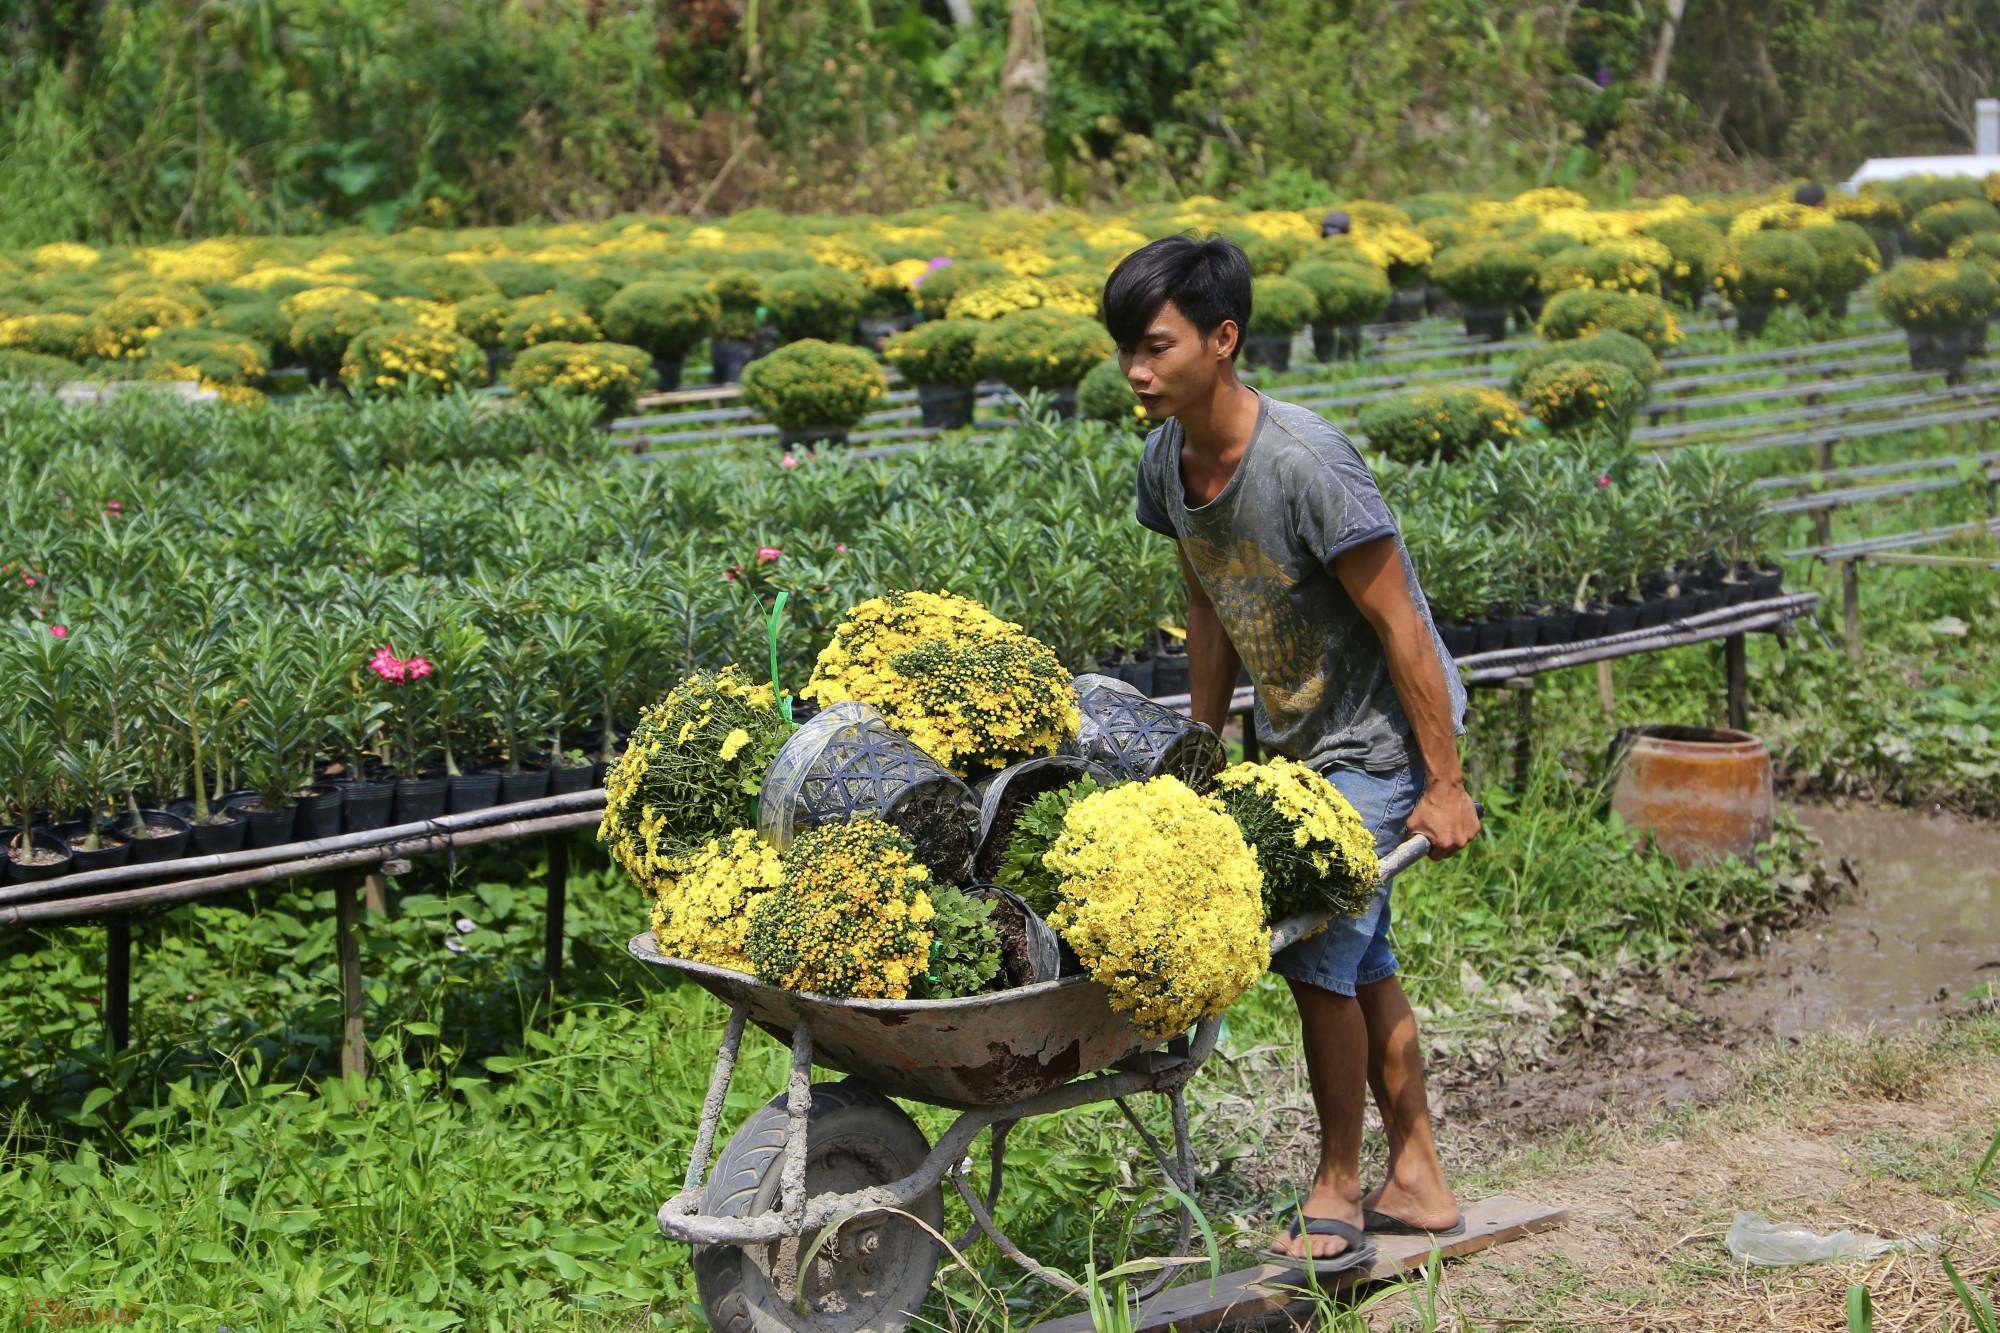 Giá cập nhật mới nhất của cúc mâm xôi mua sỉ tại giàn là 160.000 đồng/cặp. Một vài ngày trước có thời điểm loại hoa này tăng lên đến 200.000 đồng/cặp khi bán cho thương lái. Khi ra thị trường, giá hoa này lại tăng lên khá nhiều. Hiện tại, một số cửa hàng hoa tại TP.HCM rao bán với mức giá hơn 400.000 đồng/cặp. Năm ngoái, có lúc loại hoa này tăng lên đến gần 500.000 đồng/cặp loại nhất.